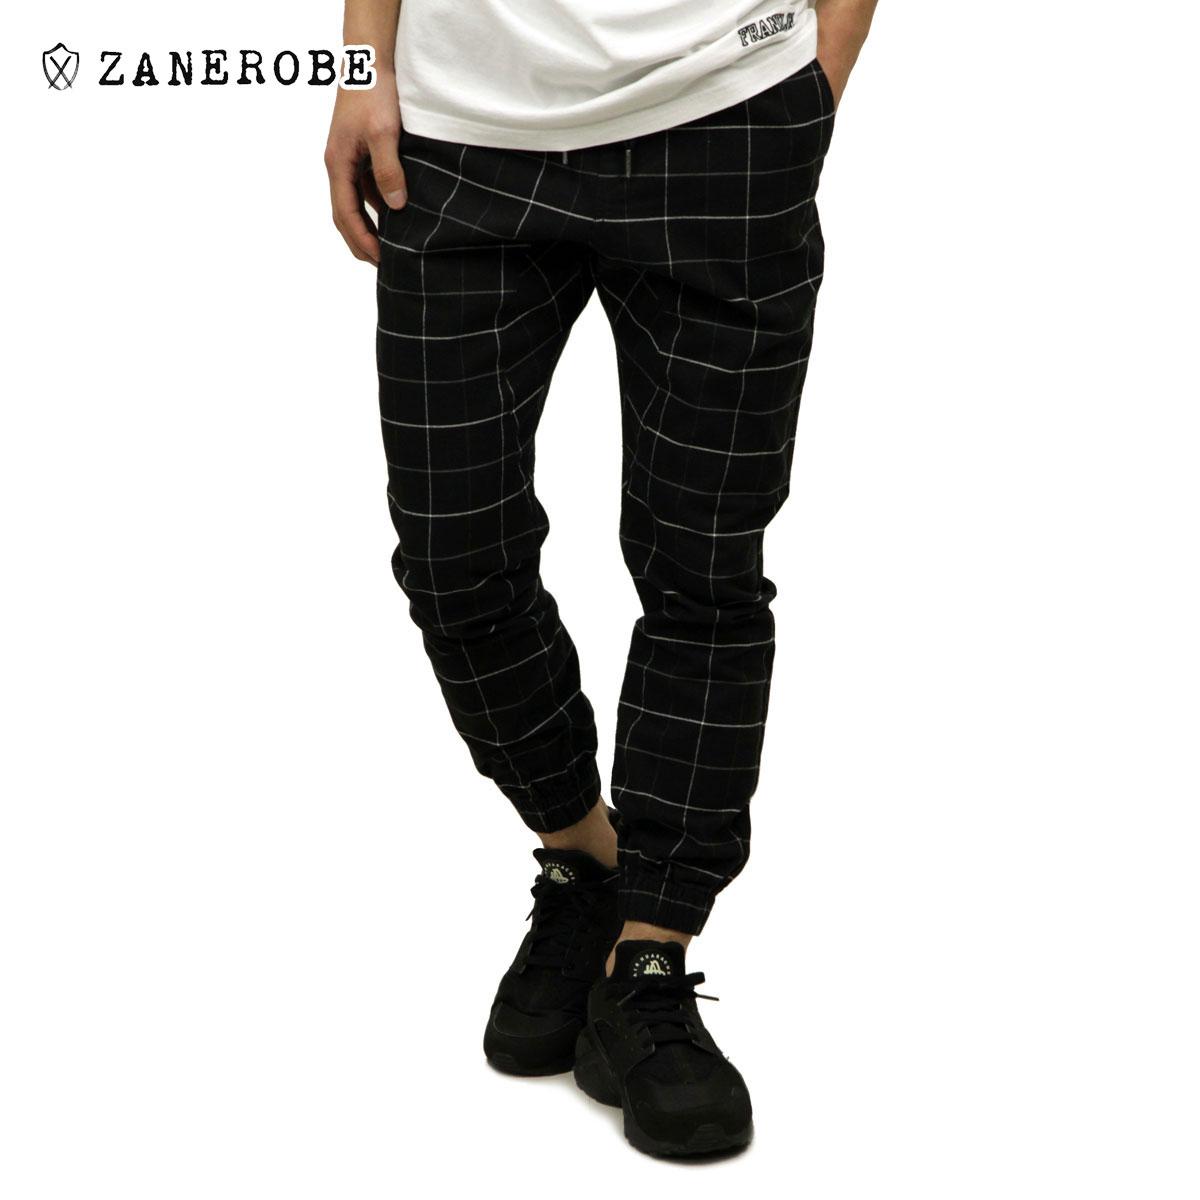 ゼンローブ ZANEROBE 正規販売店 メンズ チノ ジョガーパンツ GRIDLINE SURESHOT PIPELINE CHINO JOGGER PANTS BLACK/WHITE 718-VER